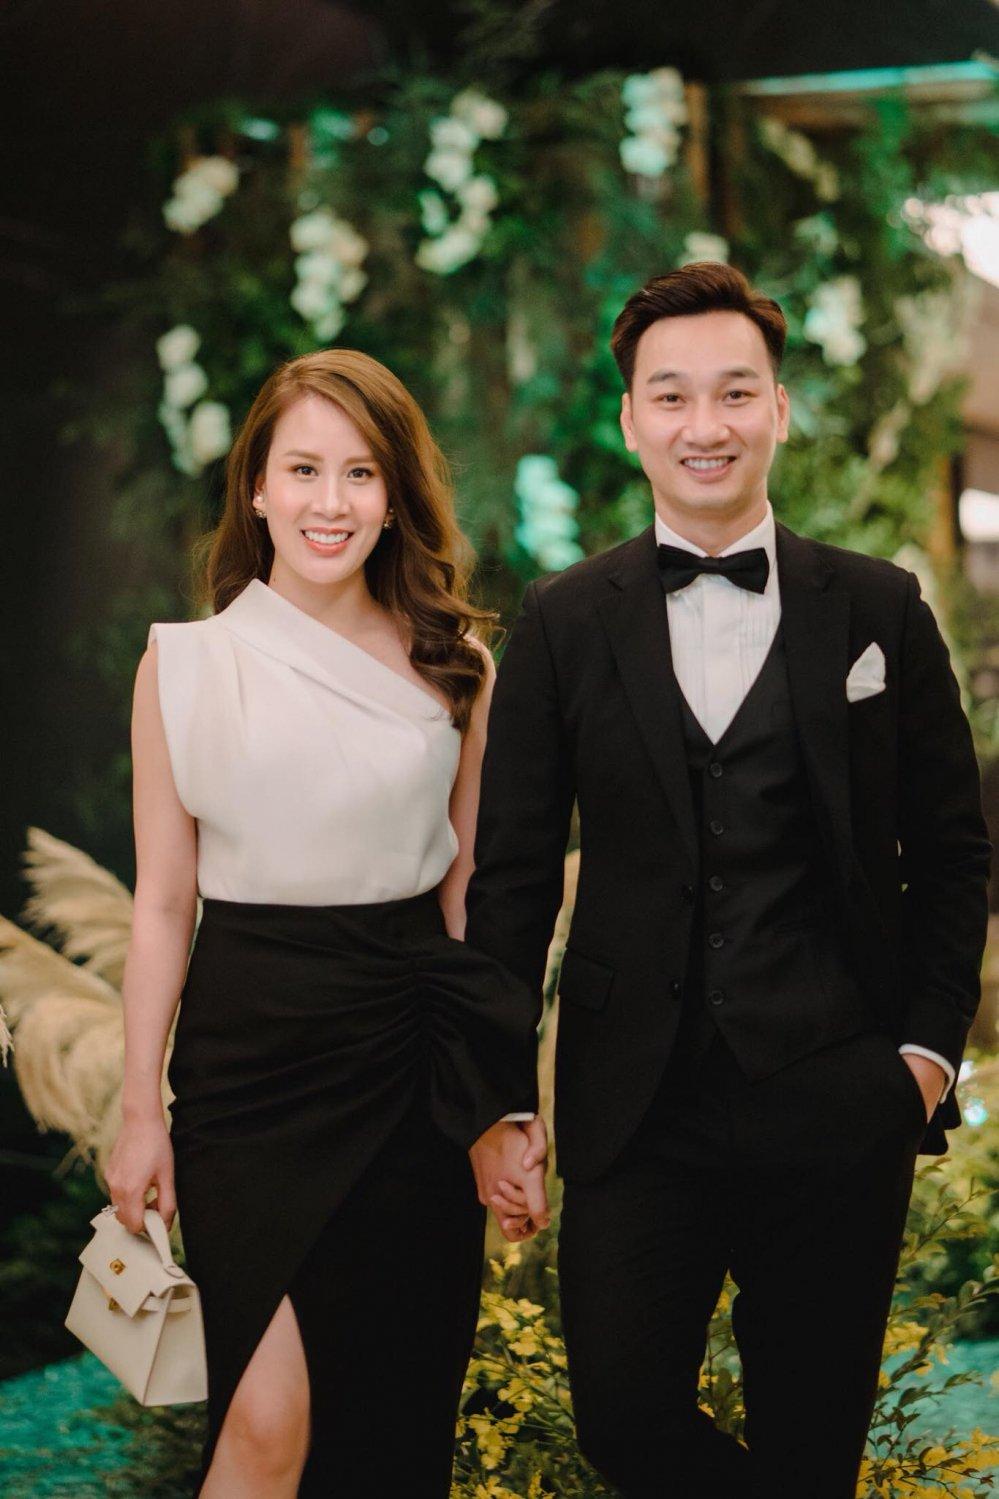 MC Thanh Trungmong moi co con voi vo tiep vien hang khong xinh dep hinh anh 2